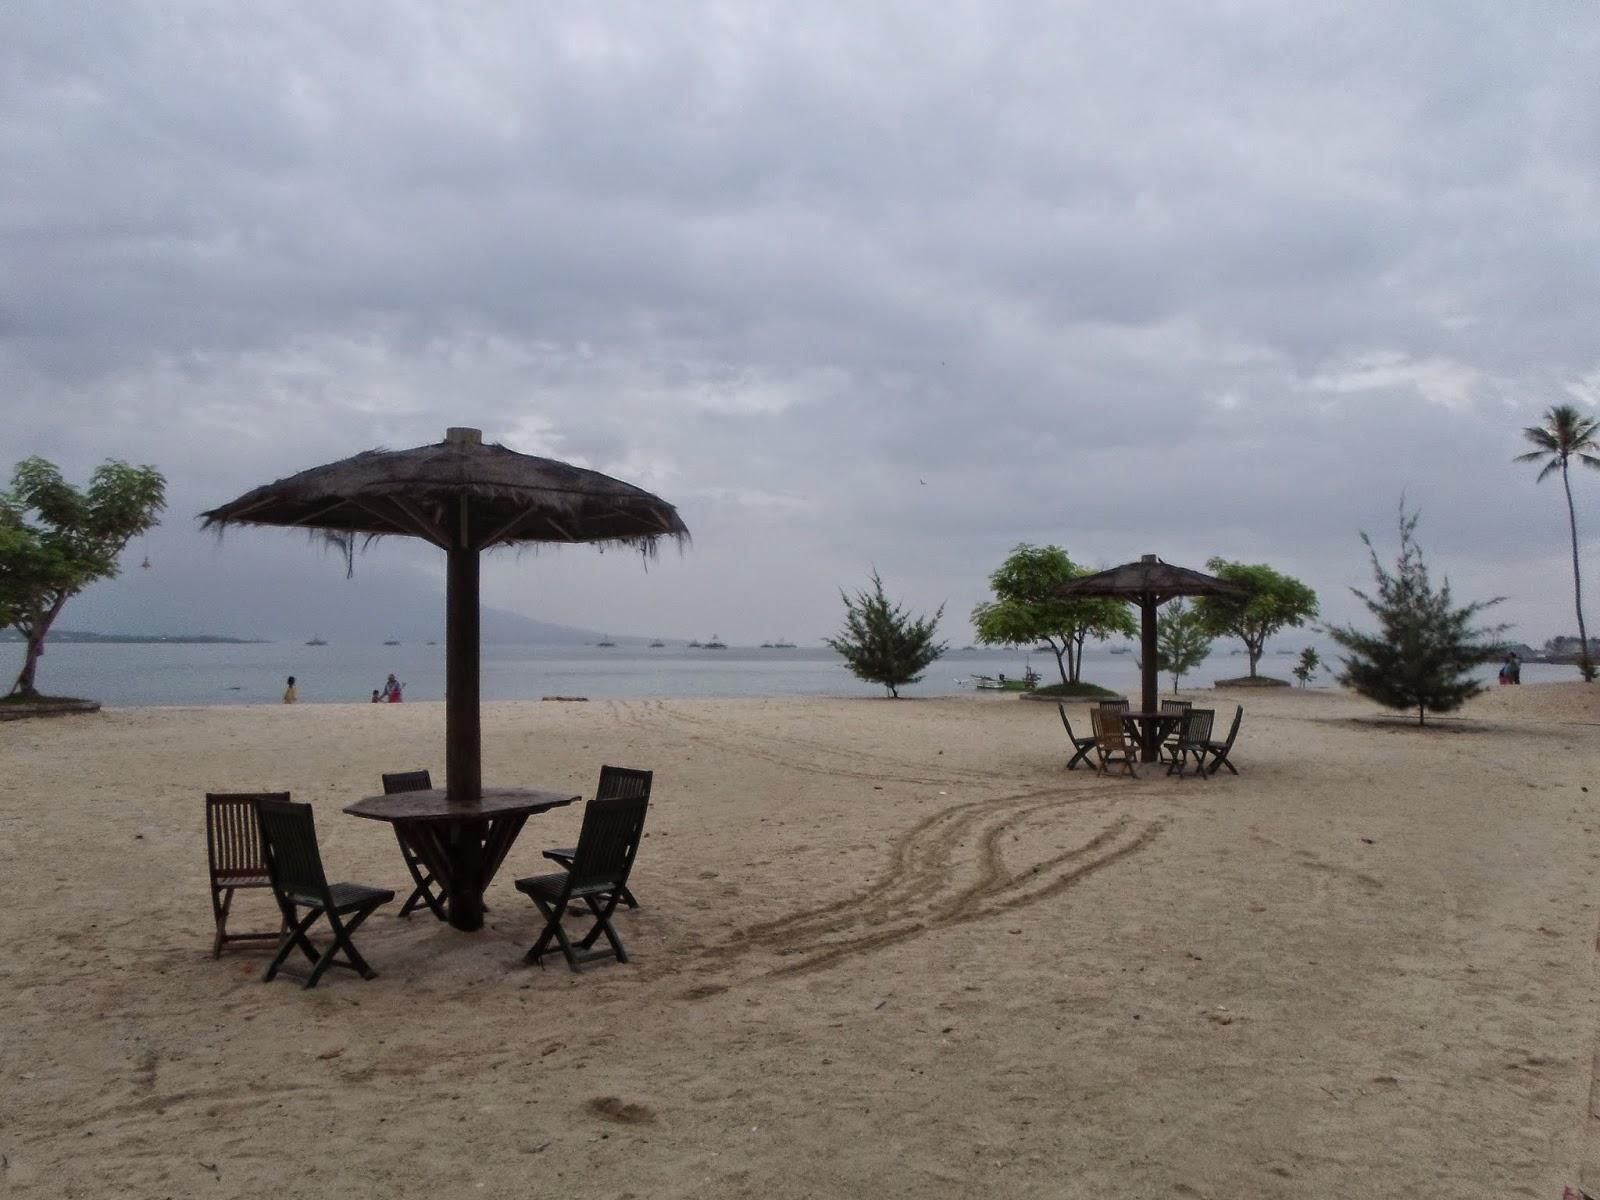 catatan bhayubajra liburan dadakan di grand elty krakatoa resort rh bhayubajra blogspot com